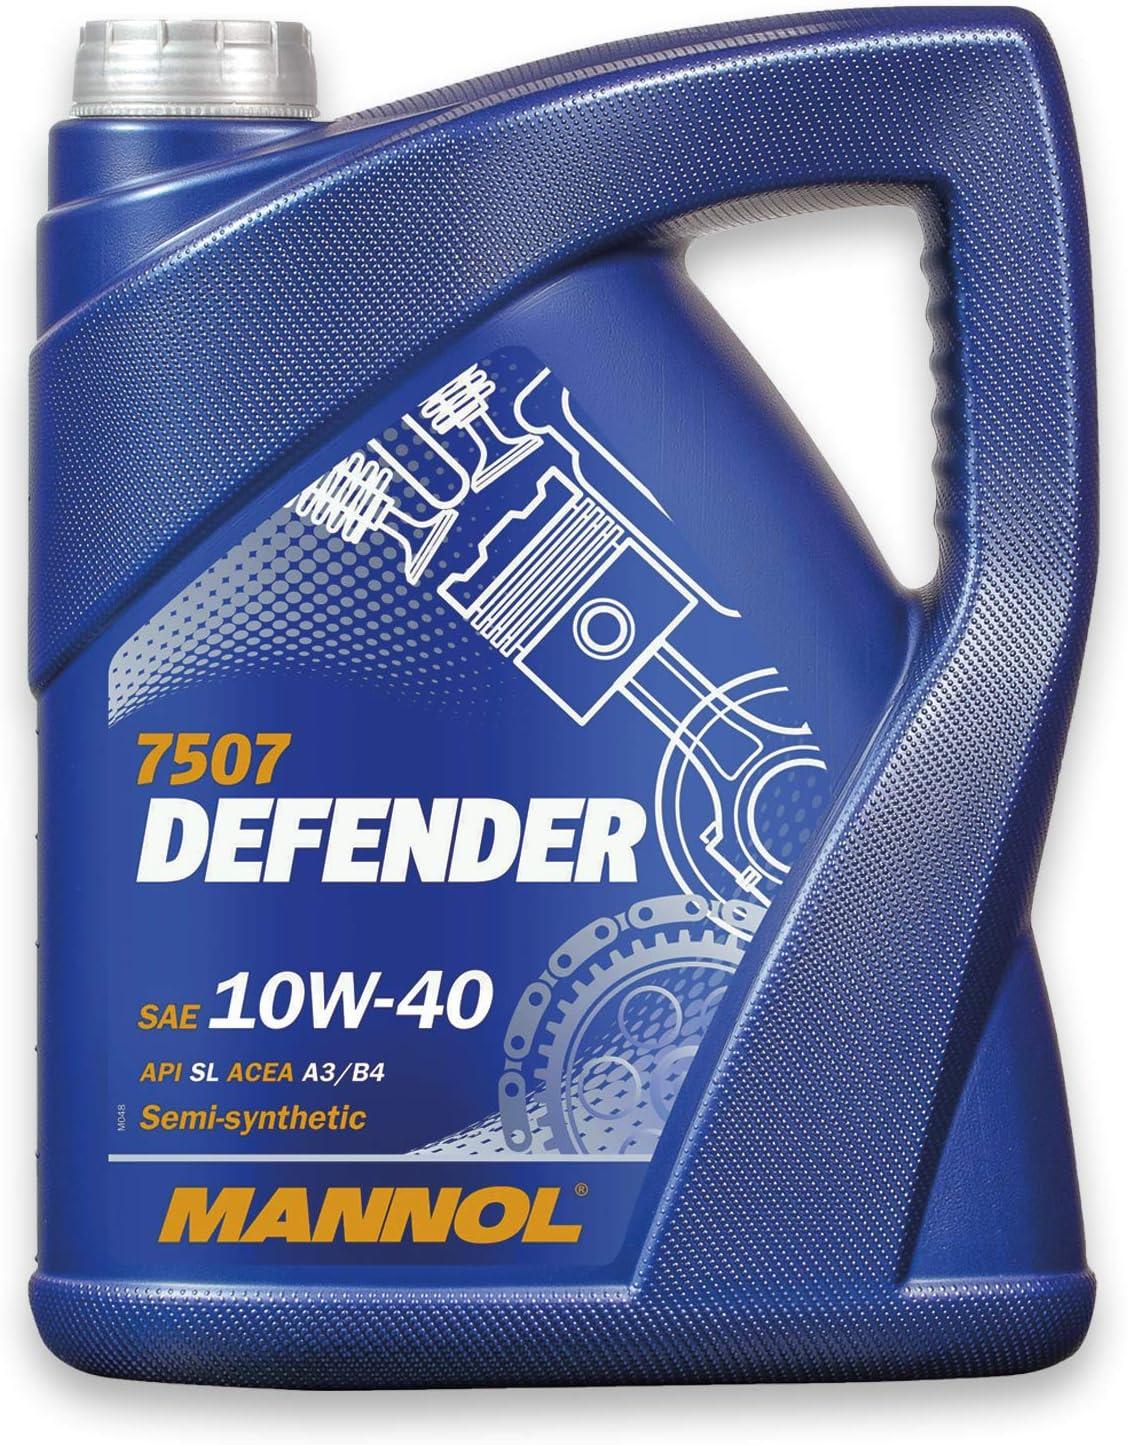 Mannol Defender Motoröl 10w 40 5 Liter Teilsynthetisch 10w 40 Api Sl Cf Acea A3 B4 Mb 229 1 501 00 505 00 Auslaufschlauch Auto